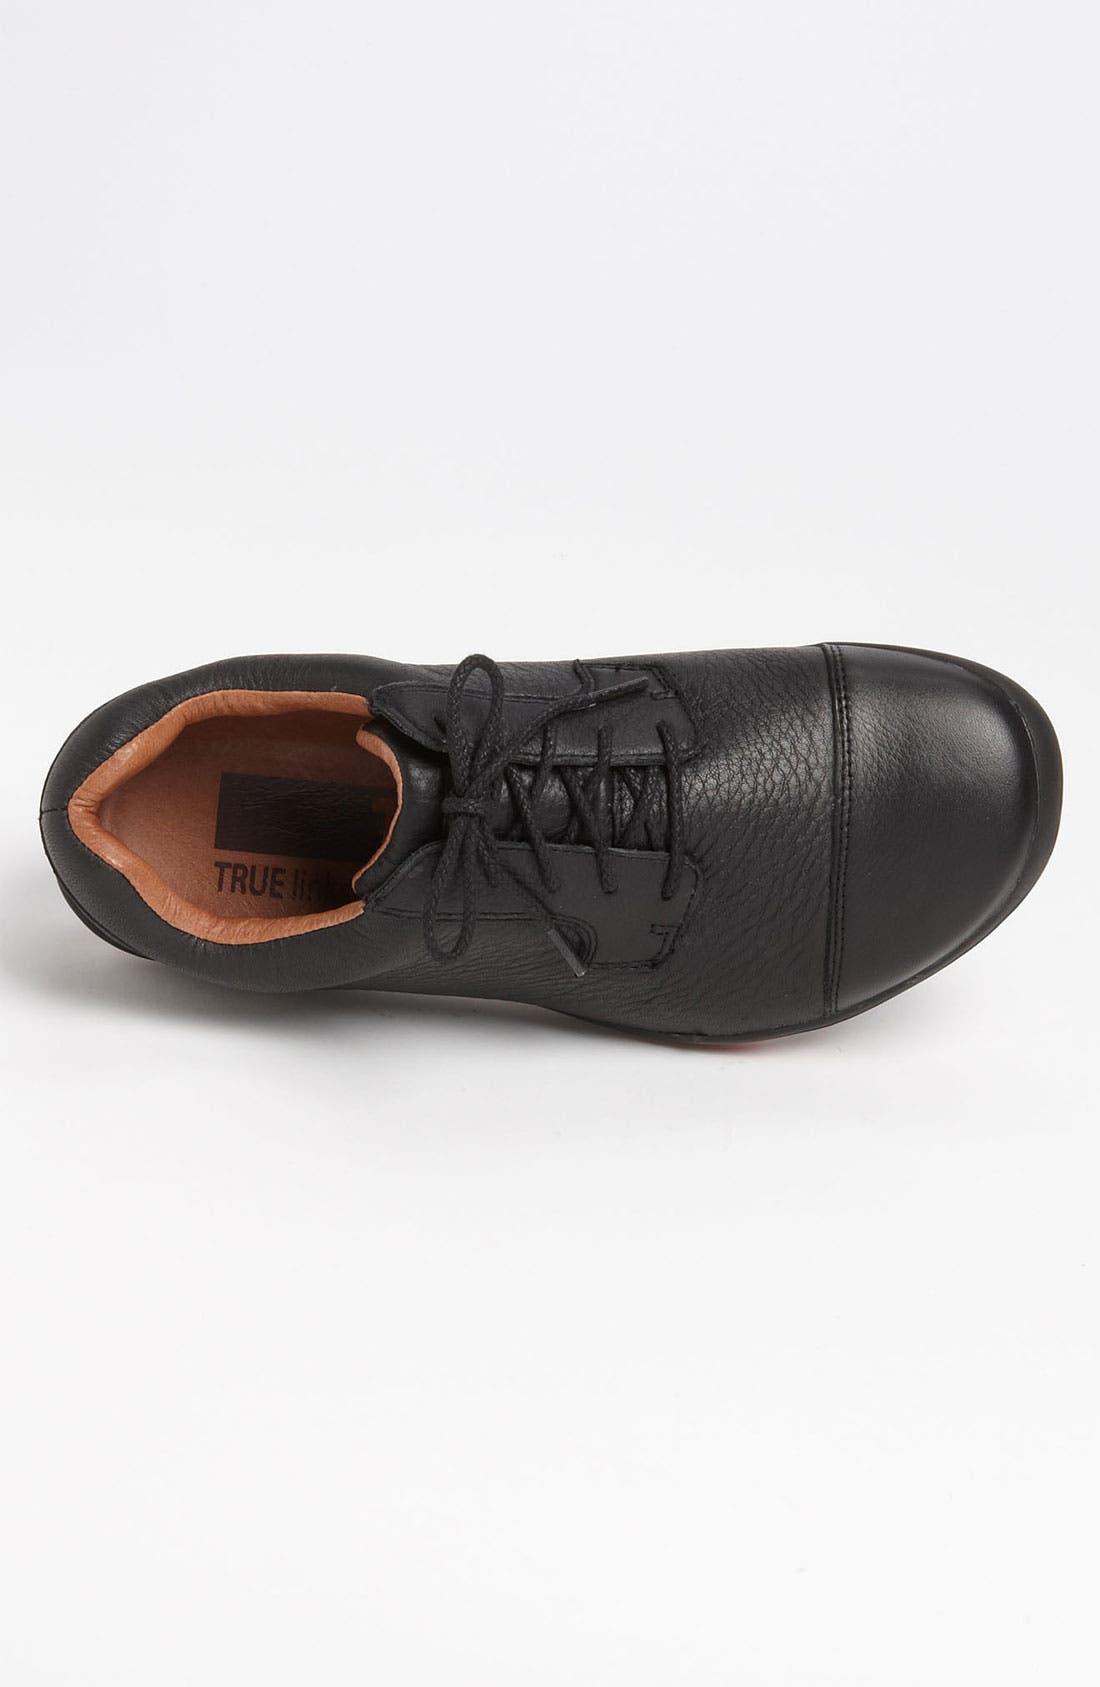 Alternate Image 3  - TRUE linkswear 'TRUE stealth' Golf Shoe (Men)